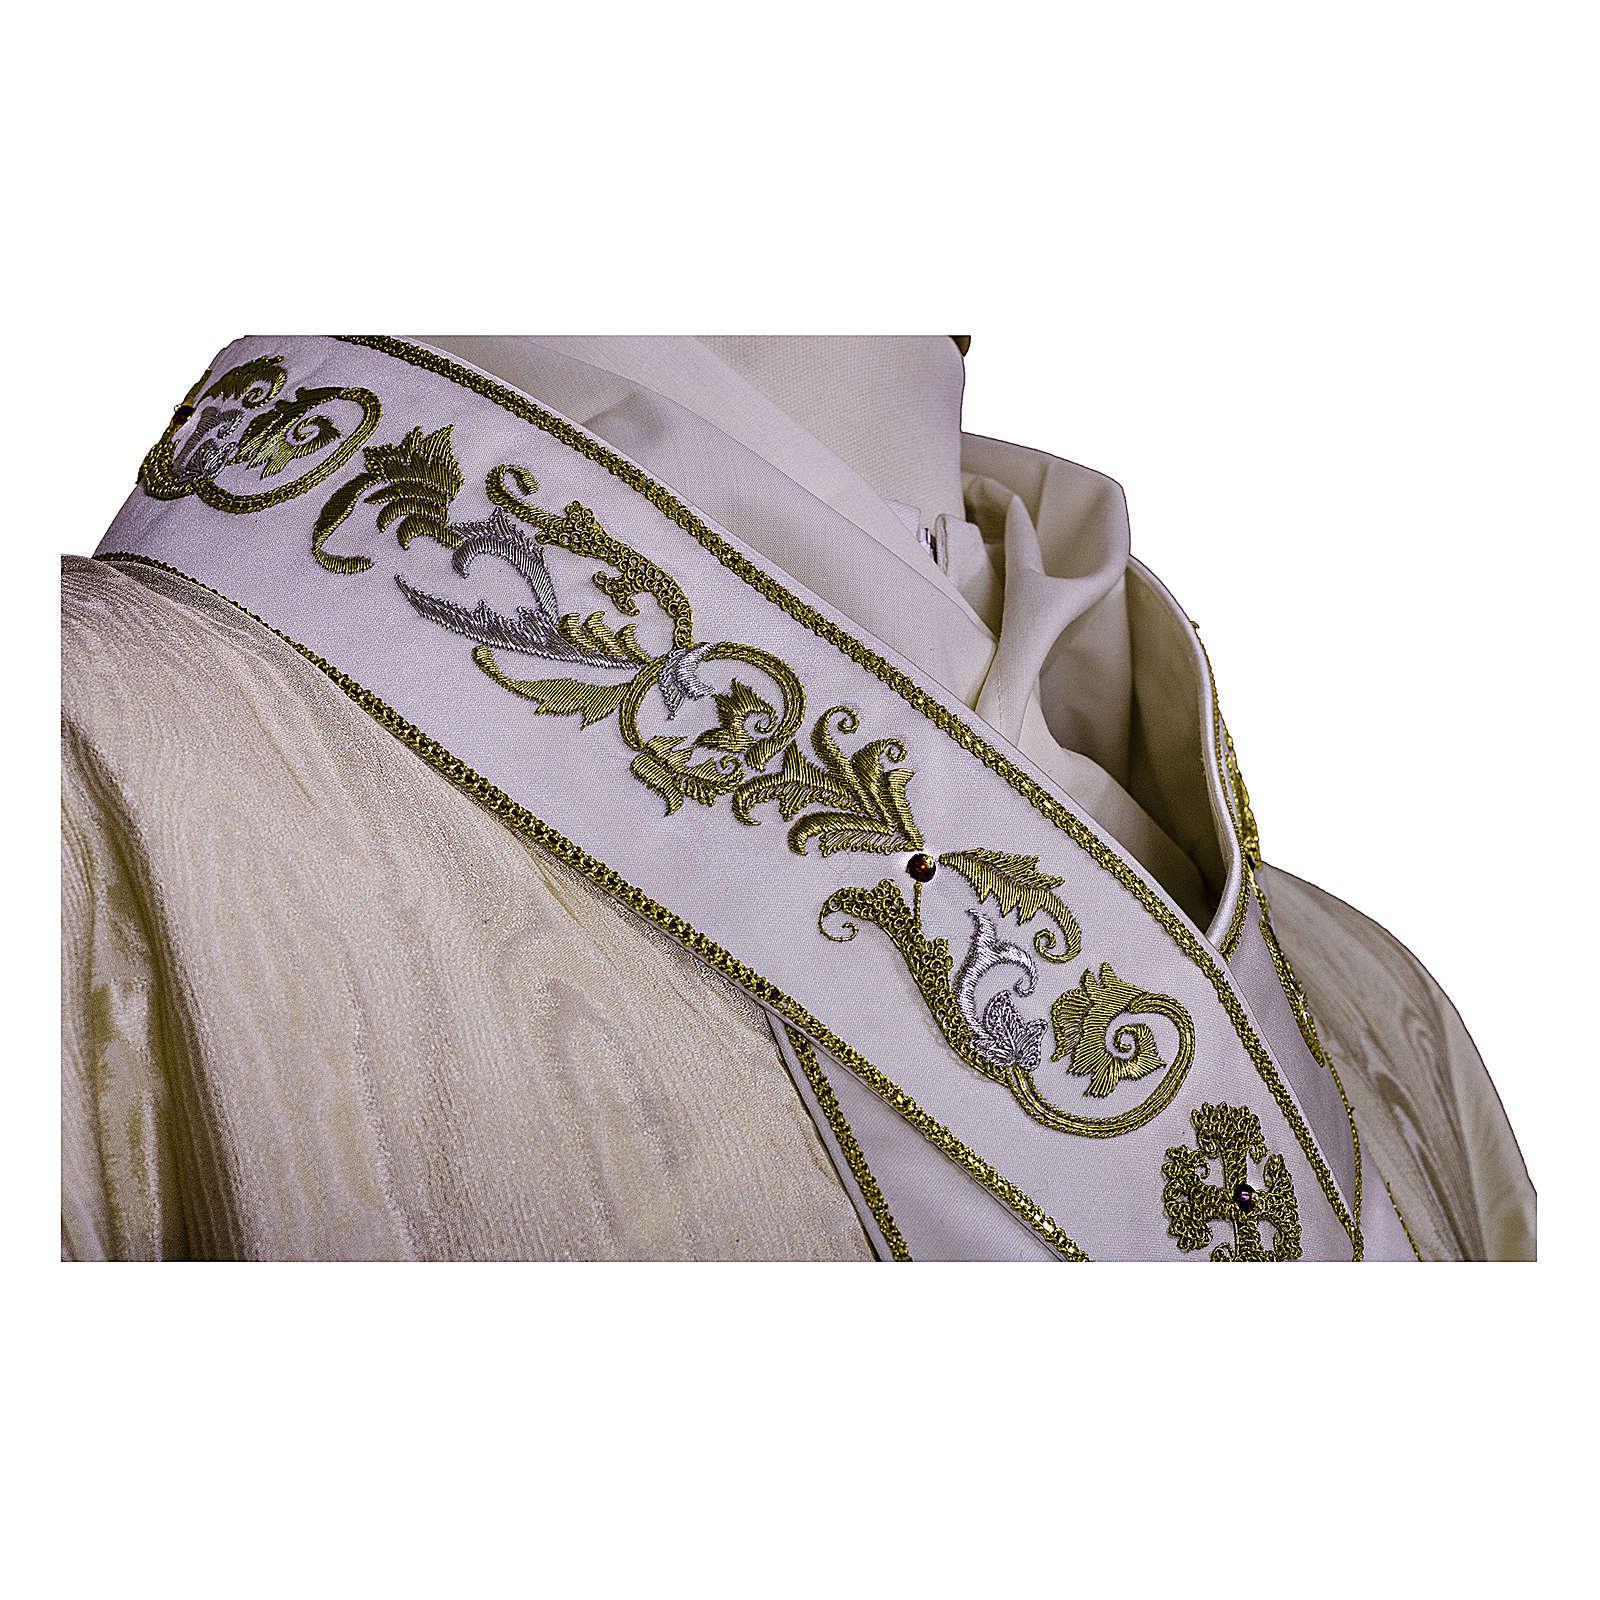 Casula Lã e Seda Tecido Precioso, Estolão e Pescoço BORDADOS À MÃO 4